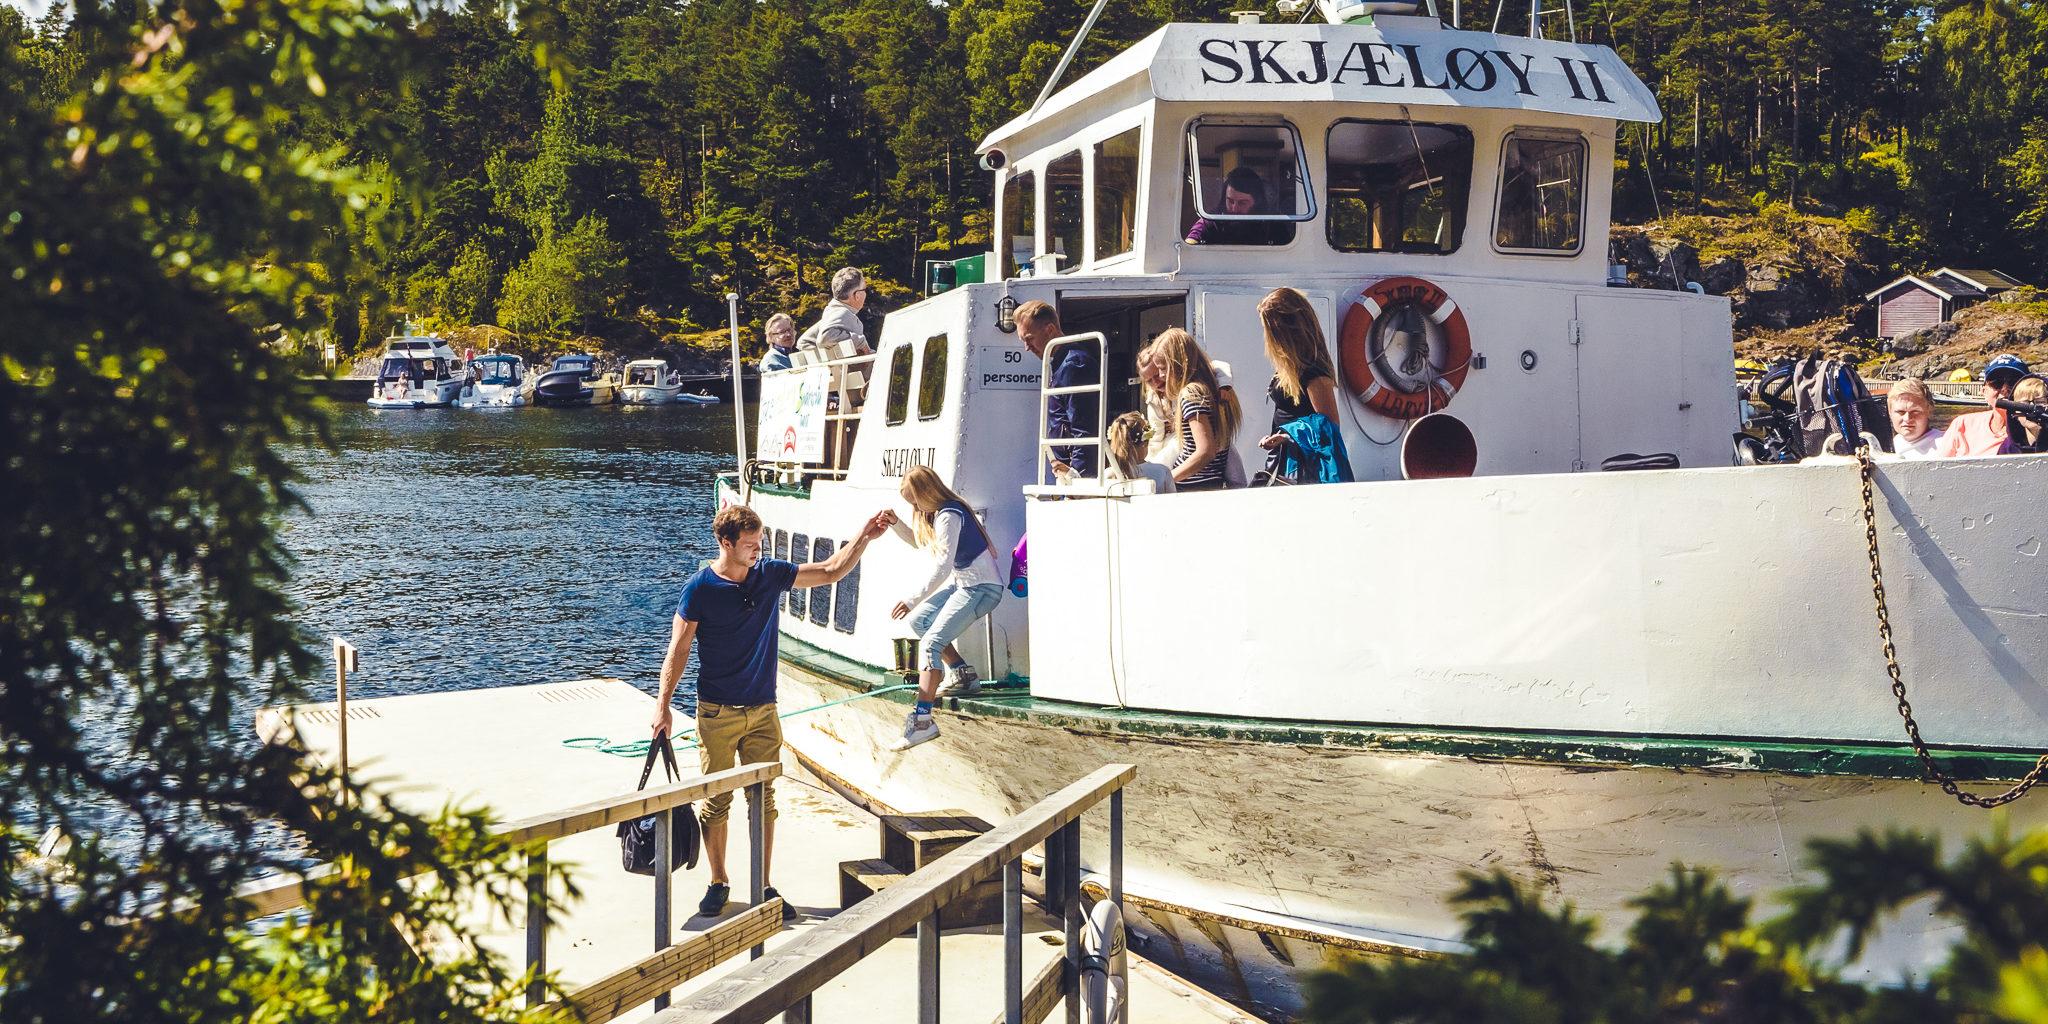 I sommersesongen kan du bli med på øyhopping i vakre Langesundskjærgården